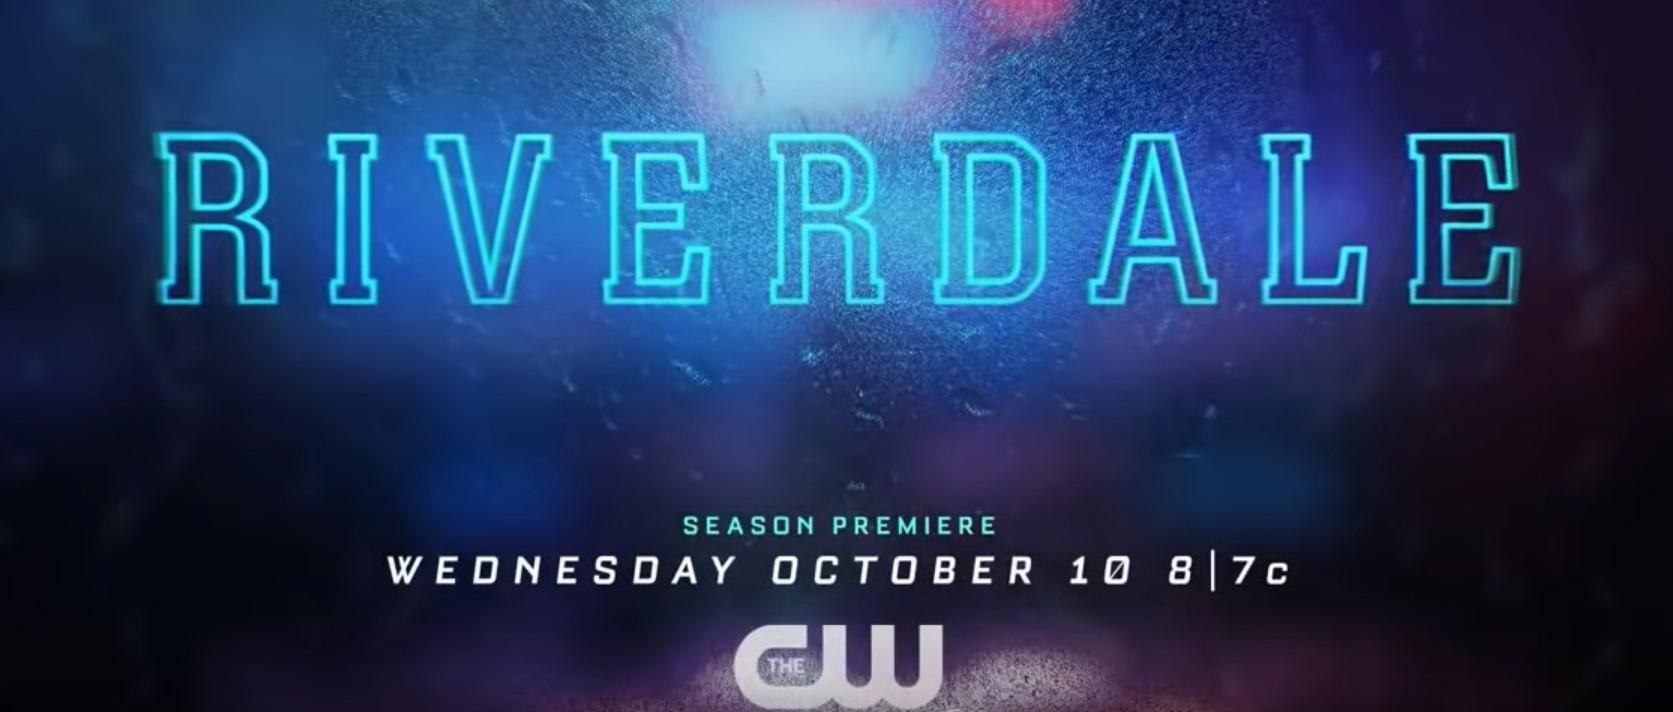 Riverdale 3: trama, cast, anticipazioni serie tv. Quando esce su Netflix